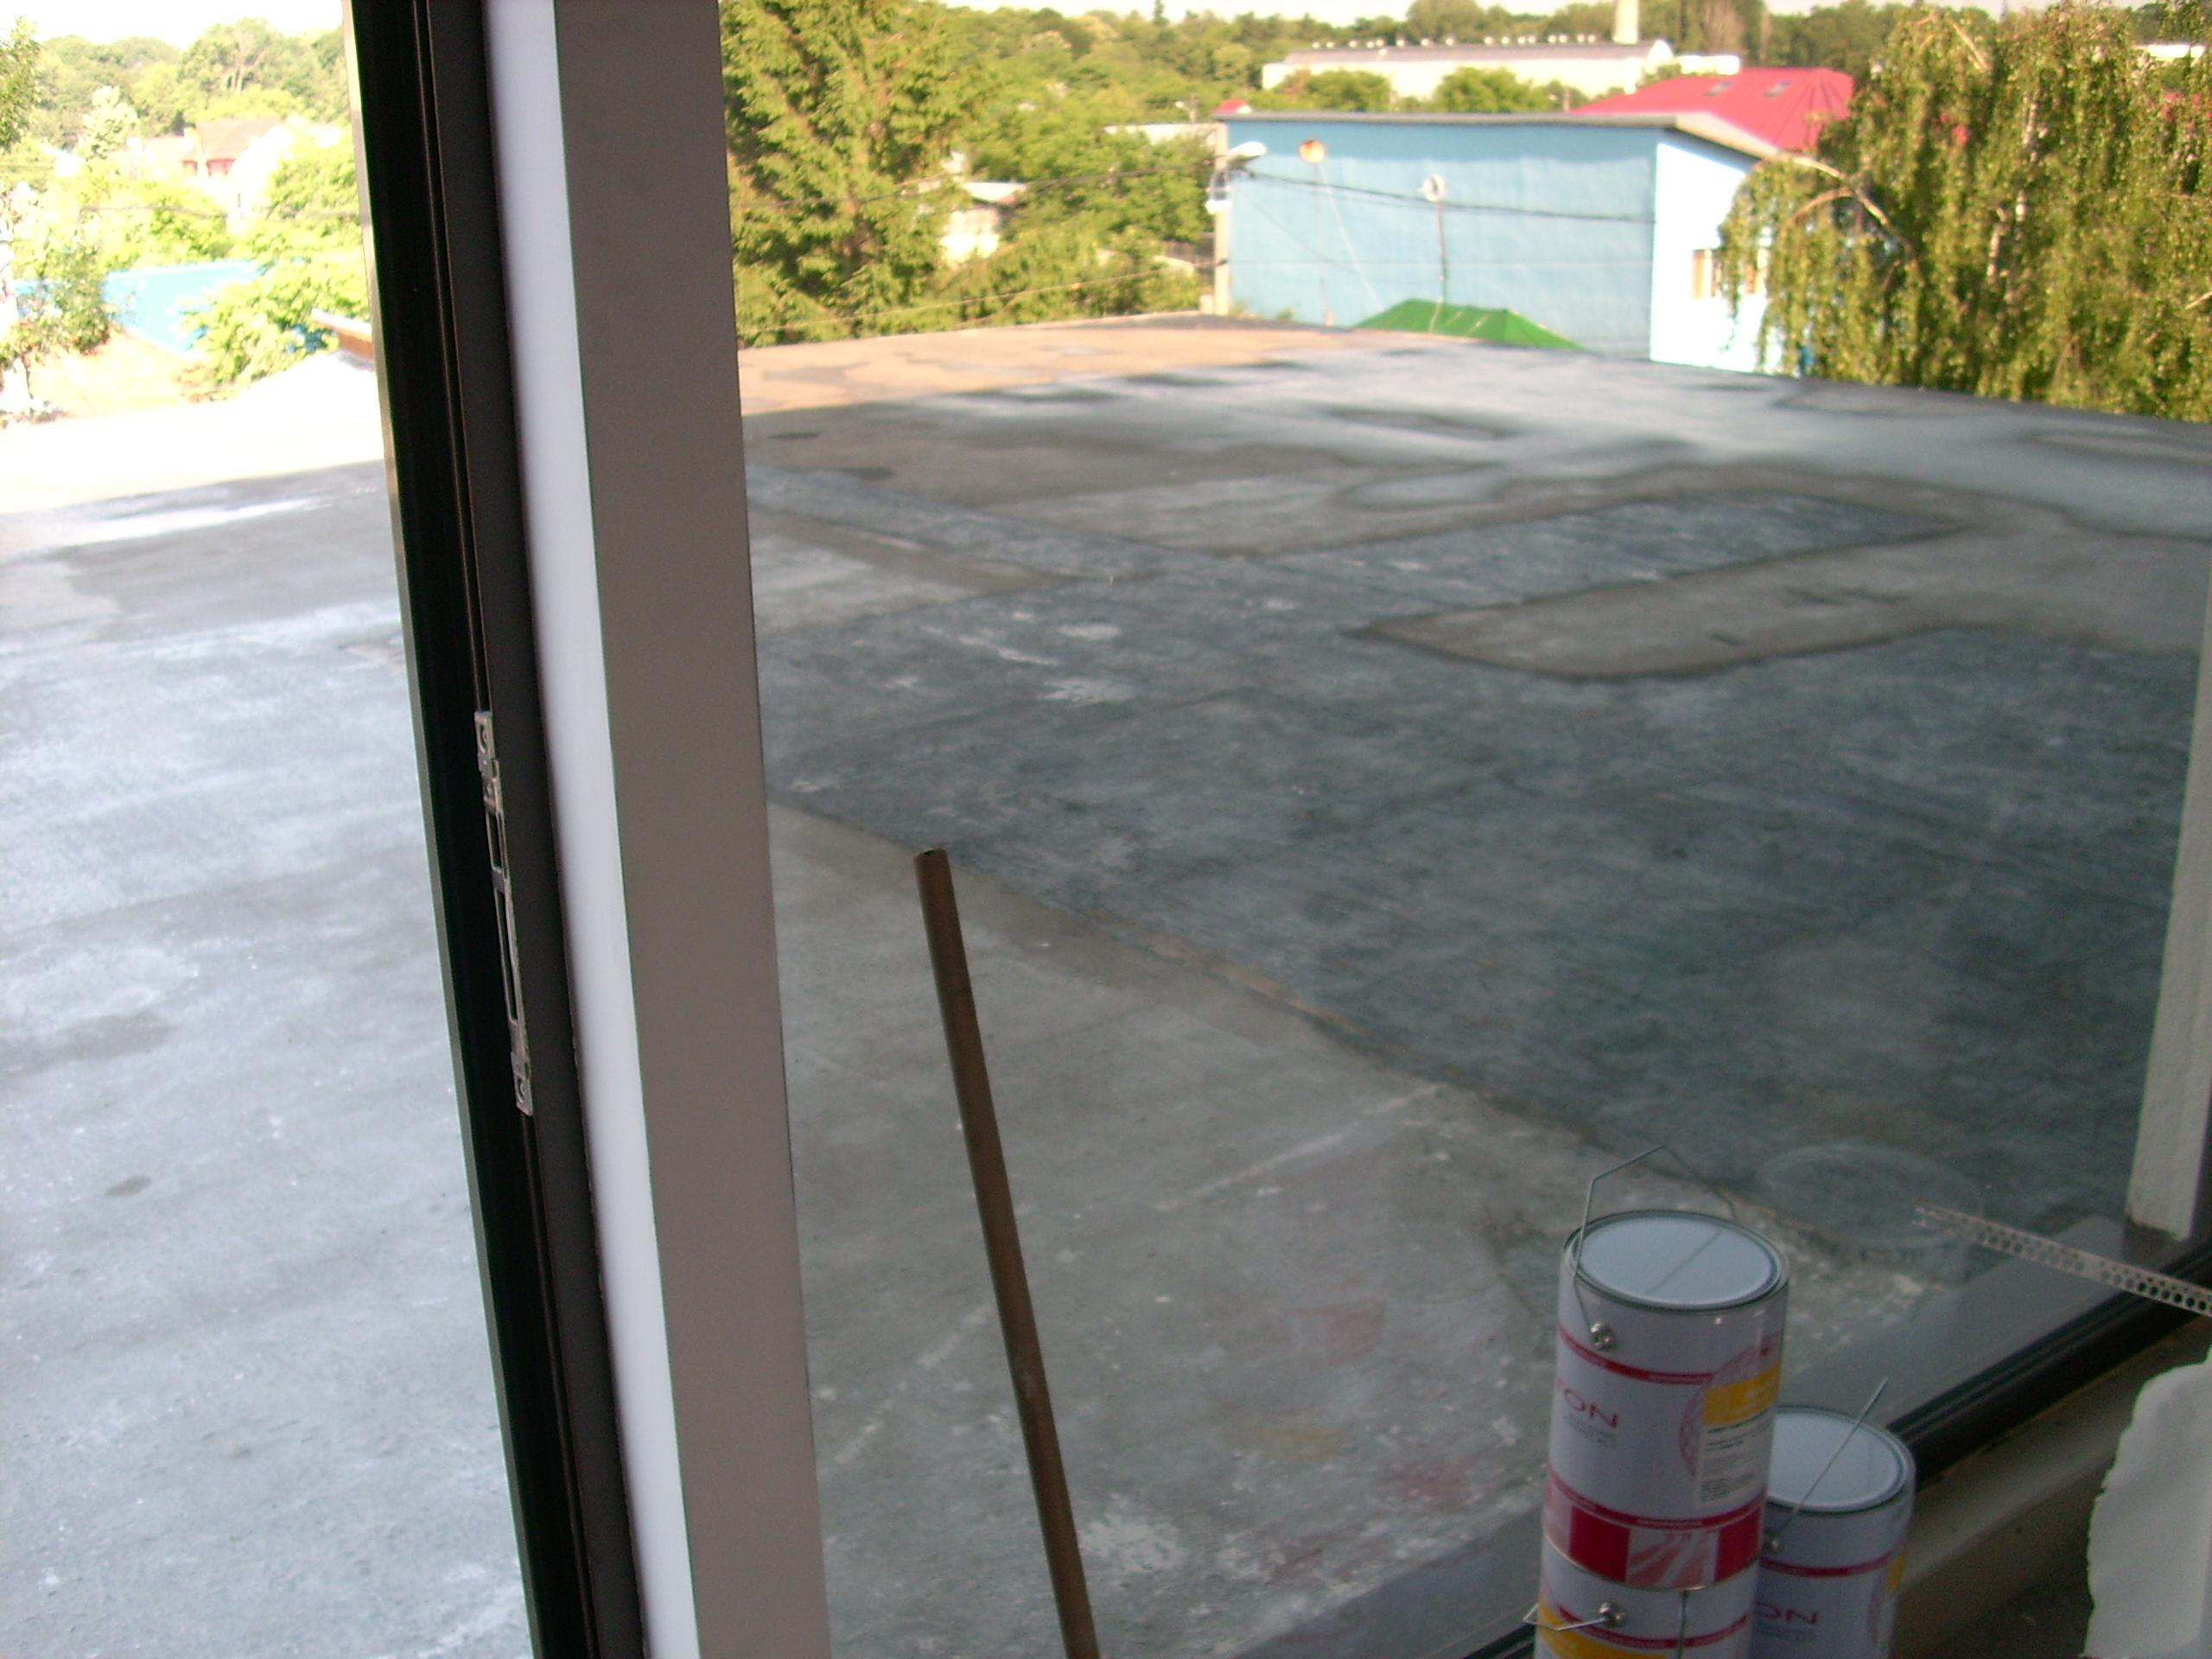 Aplicarea tratamentelor de impermeabilizare - Vila persoana privata - Buftea UNICO PROFIT - Poza 29